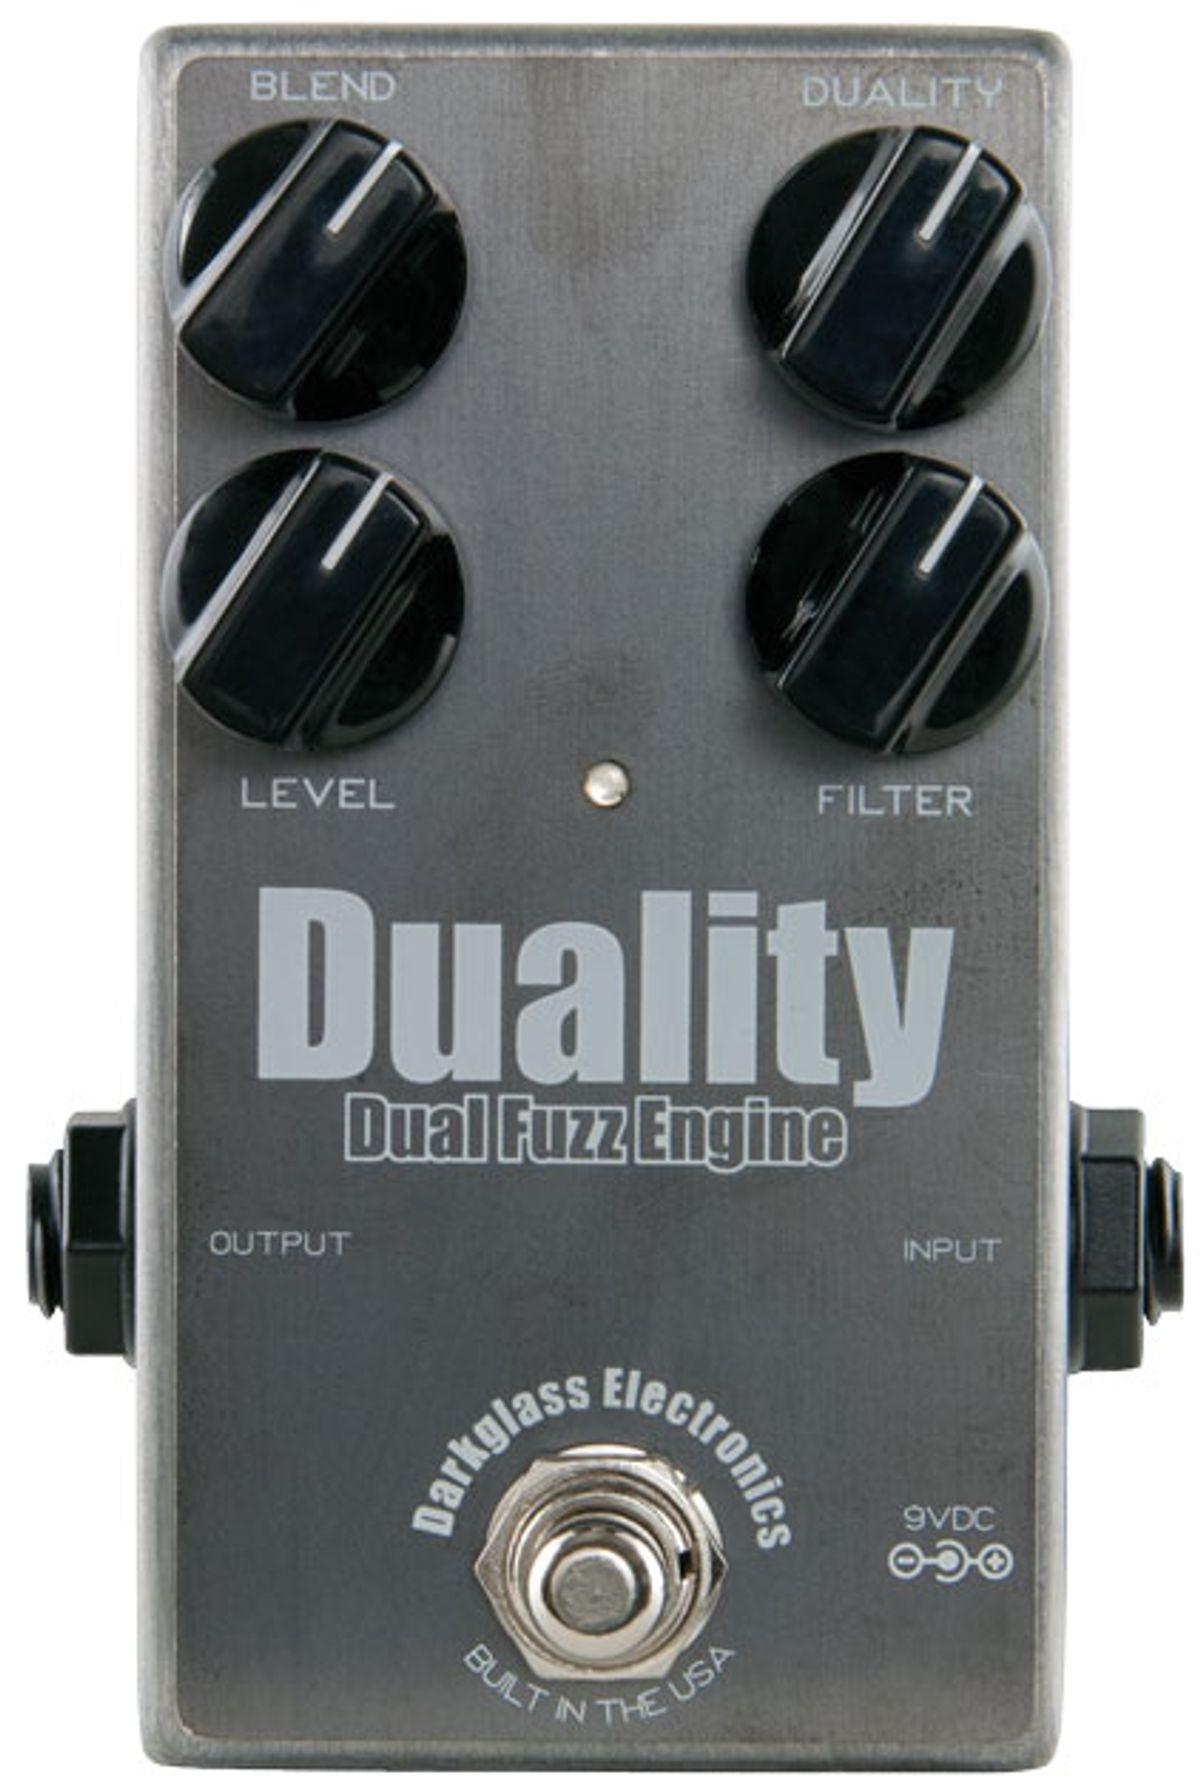 Darkglass Electronics Duality Dual Fuzz Engine Review